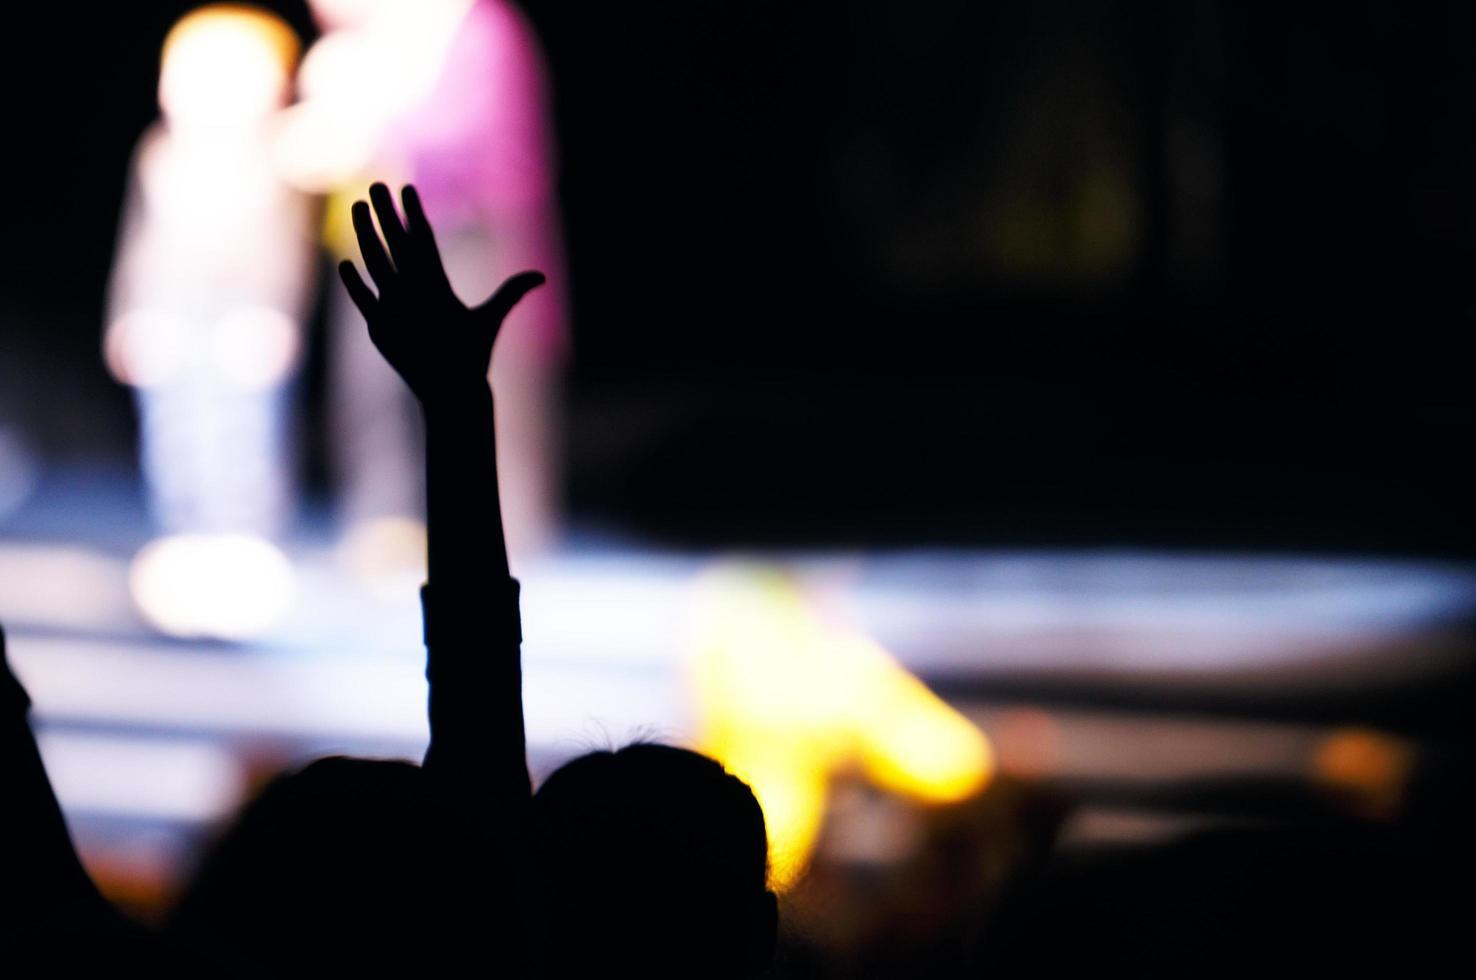 torcedor na platéia levantando a mão foto